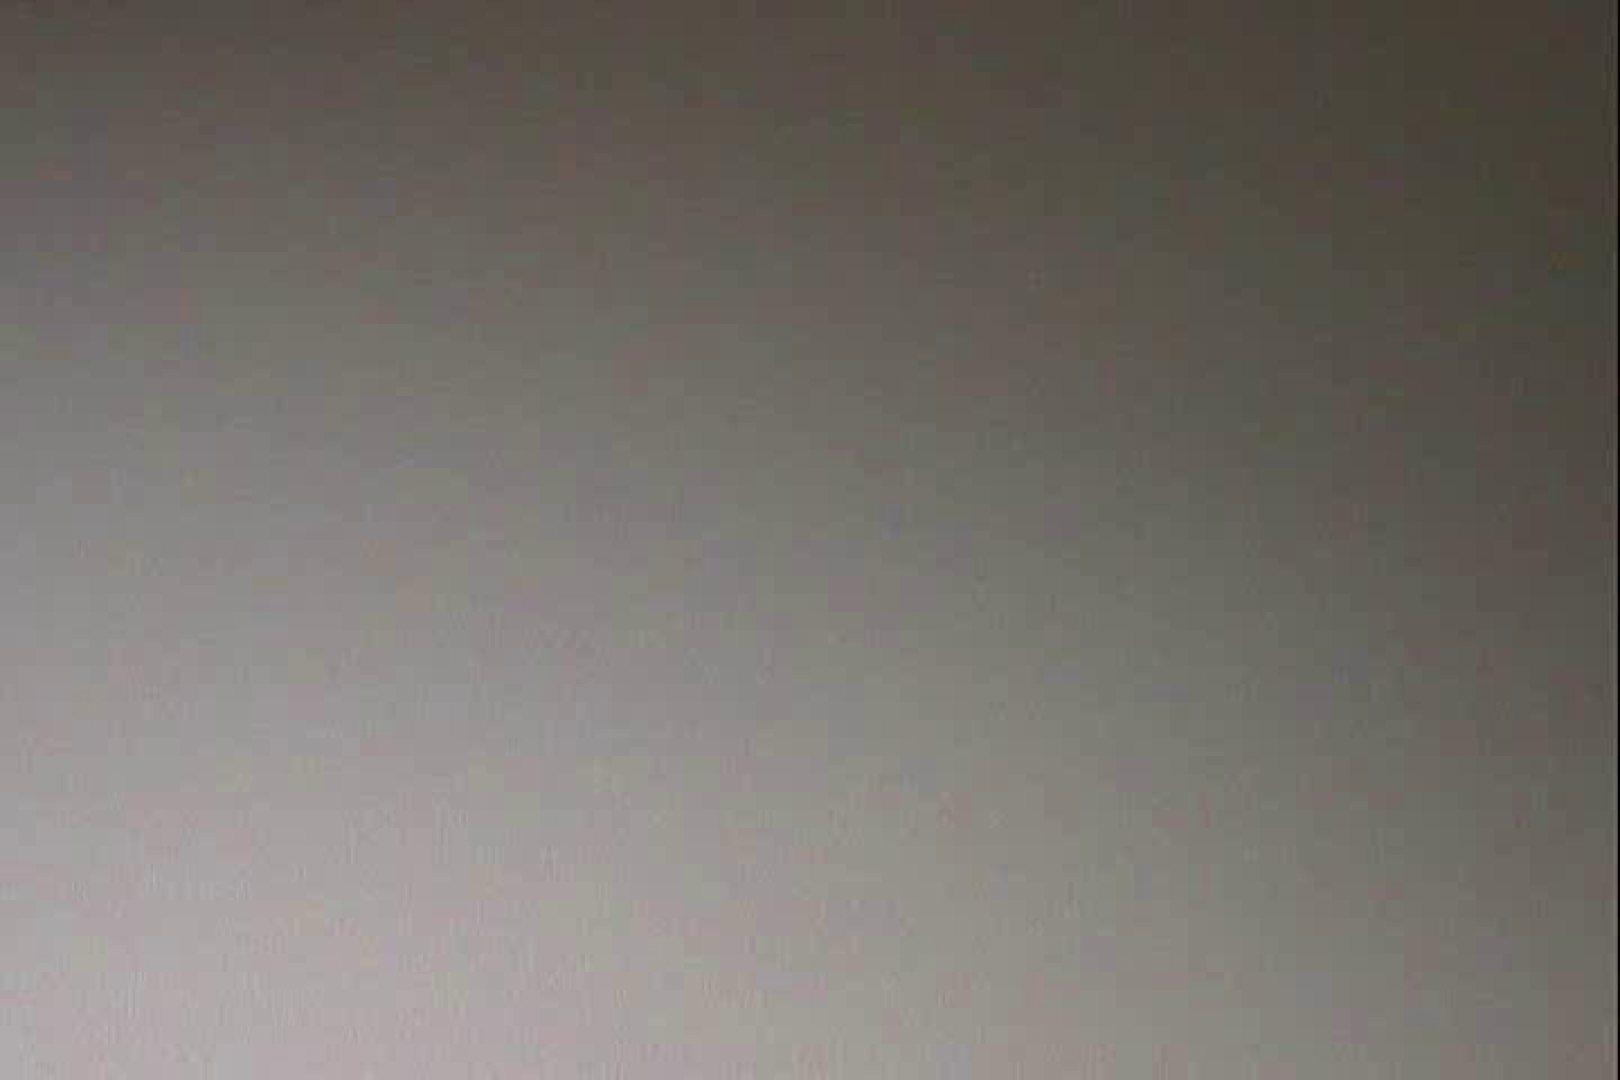 激撮!! 接写天井裏の刺客Vol.4 露天風呂の女子 のぞき動画画像 104PIX 35